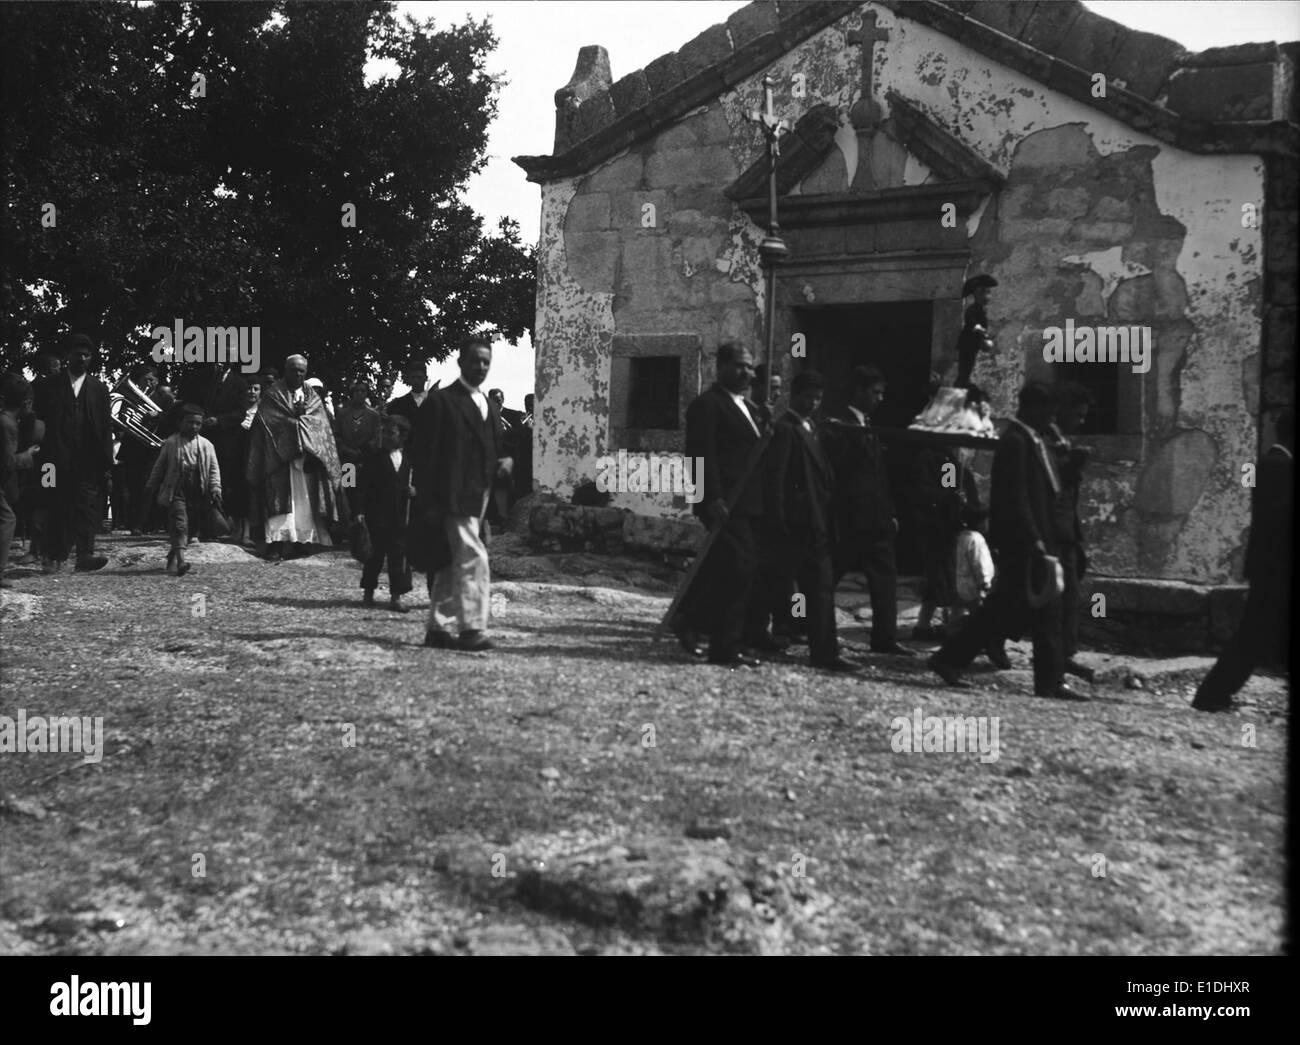 Seia, Portugal - Stock Image